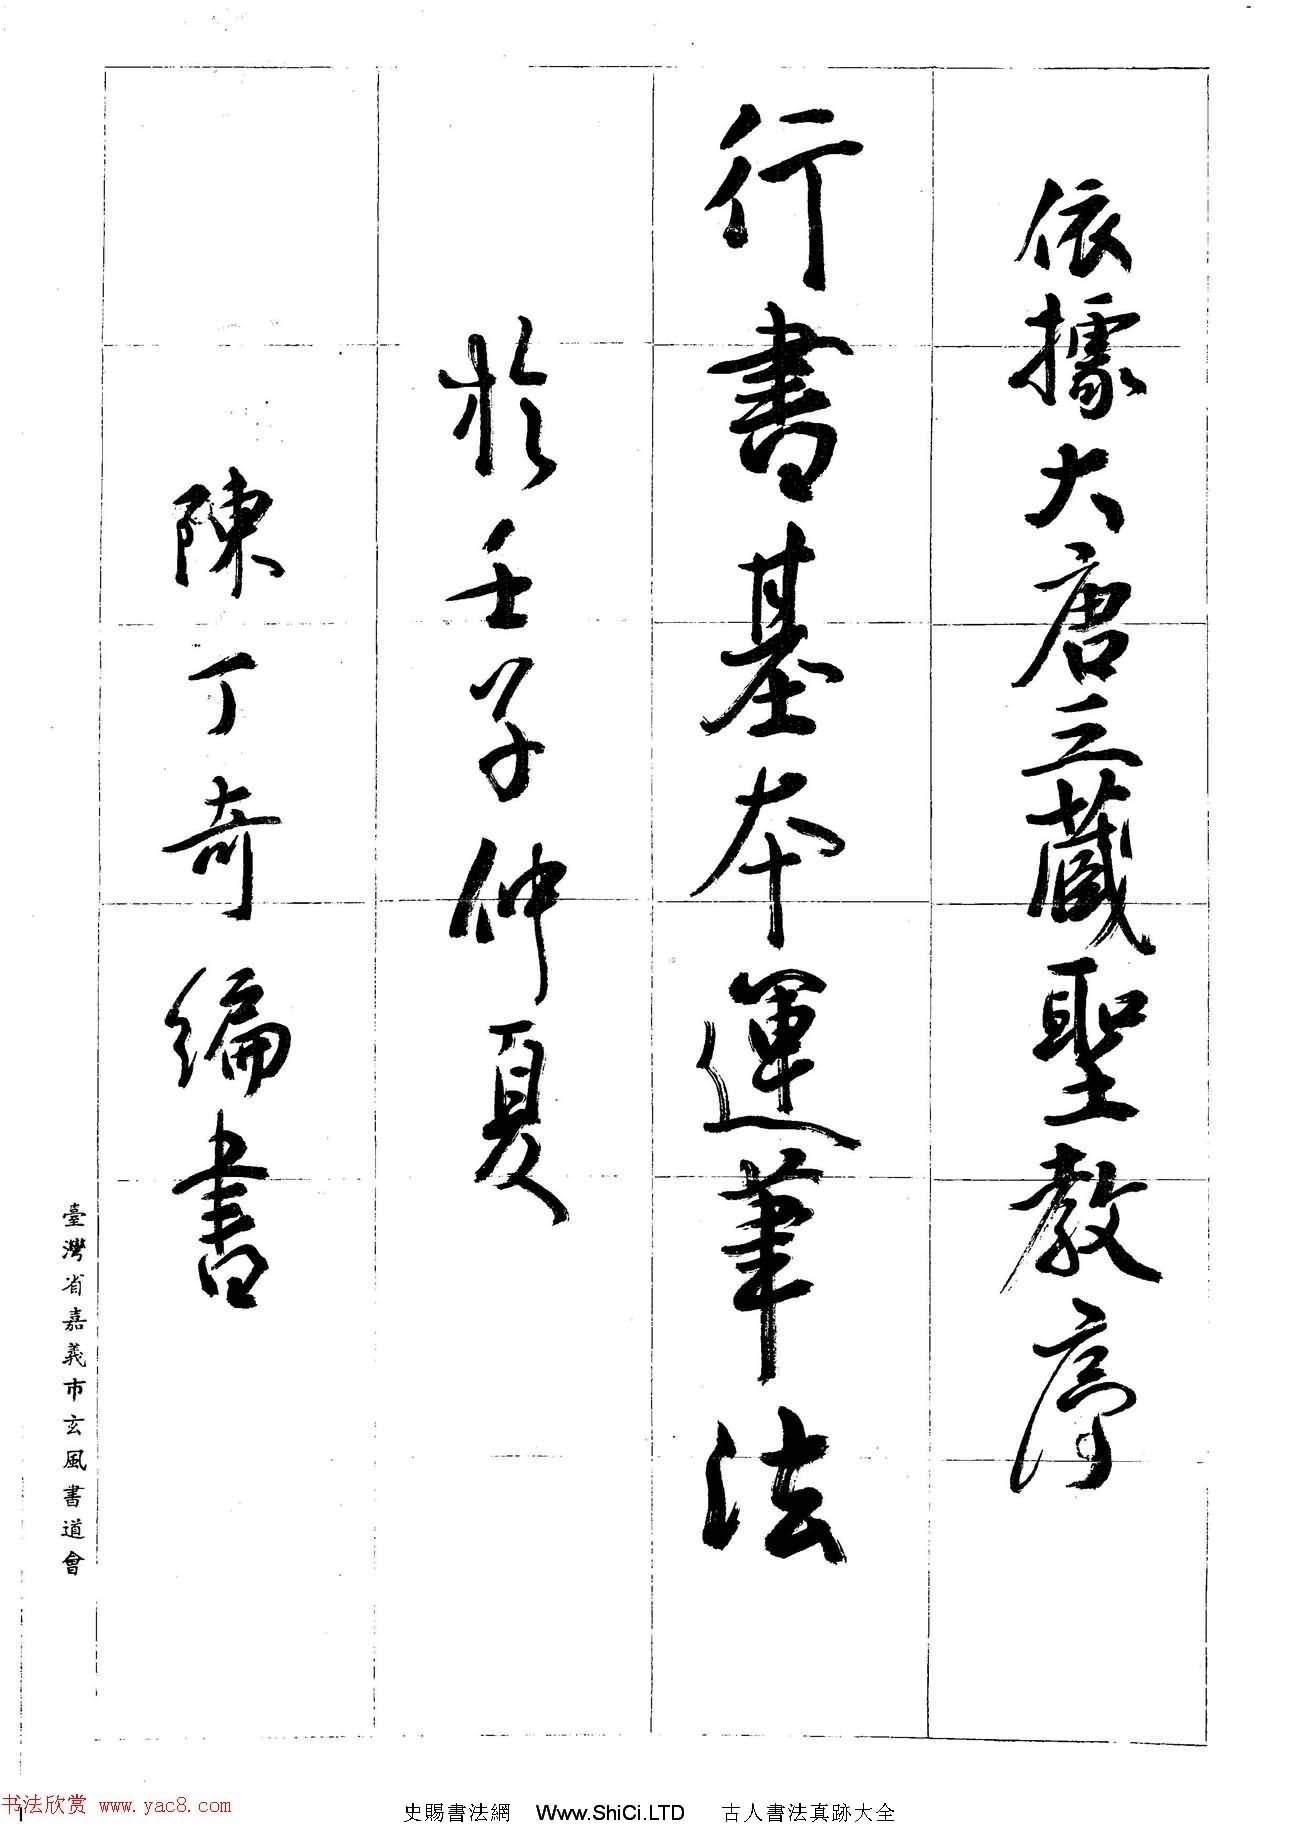 台灣陳丁奇毛筆行書基本運筆法(共10張圖片)